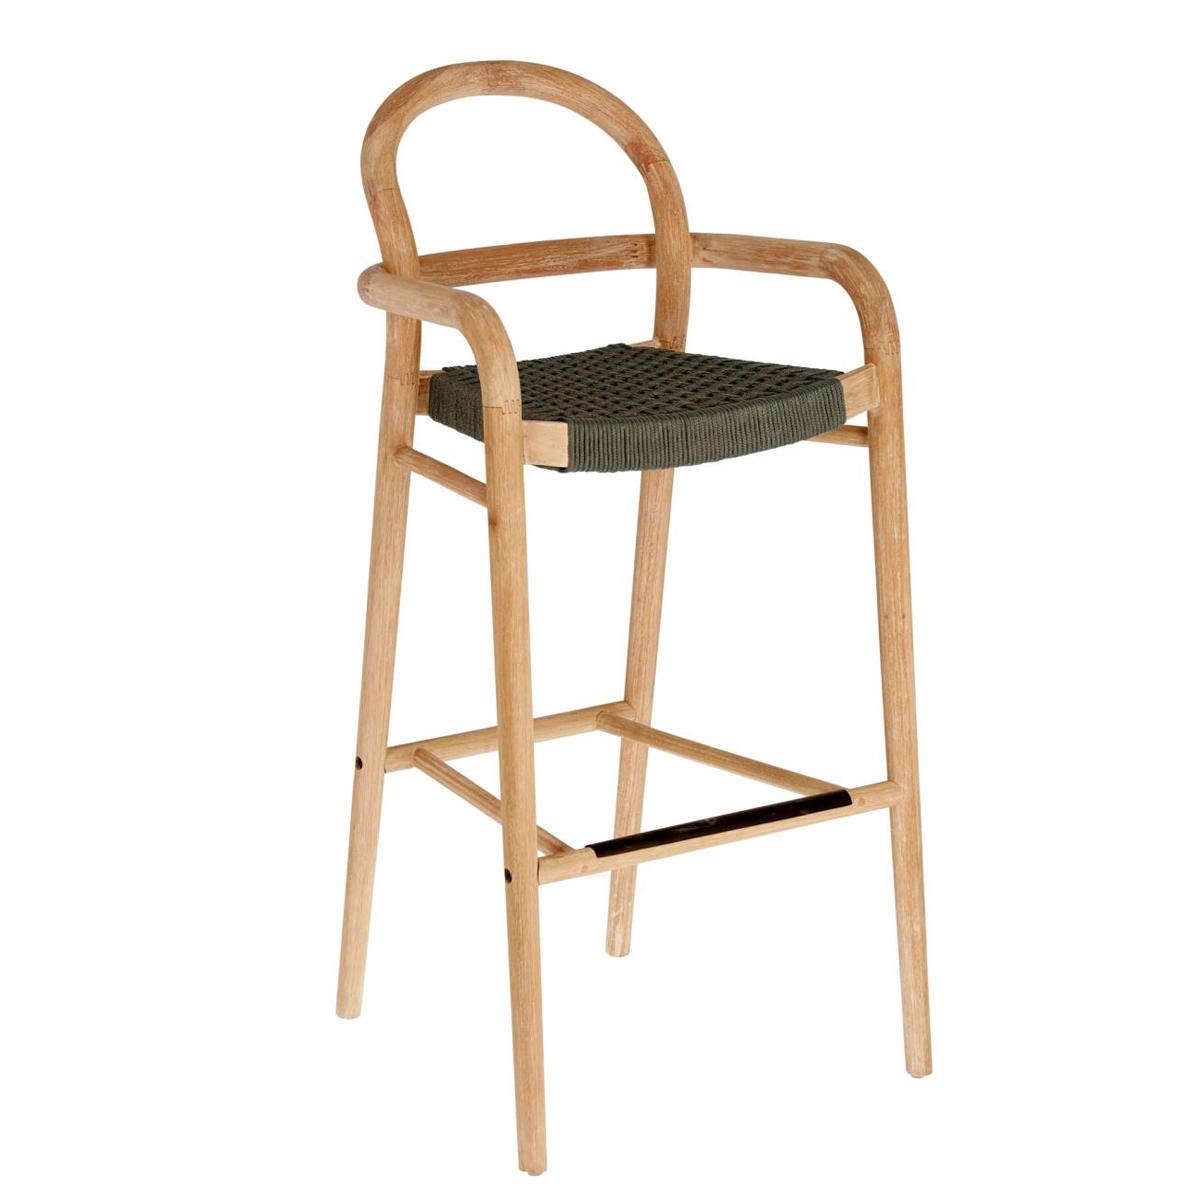 Chaise haute tressée en corde plate - Vert - H 110 cm x 54 cm